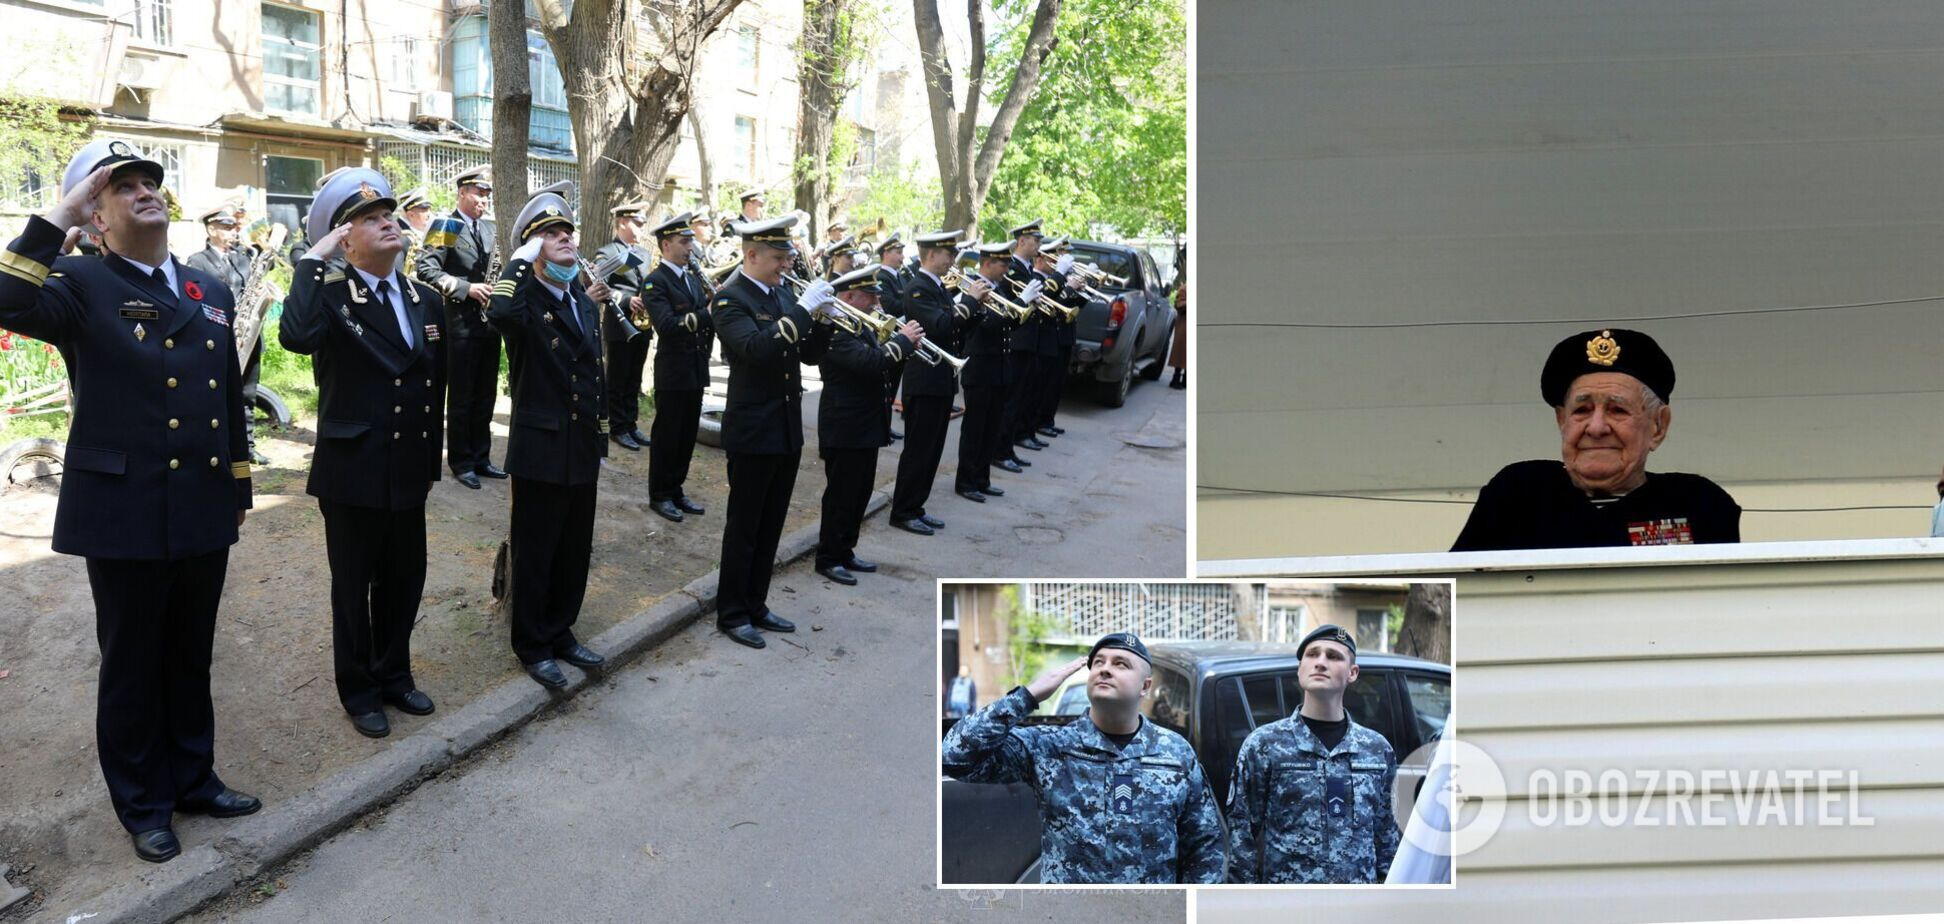 В Одессе ВМС трогательно поздравили 100-летнего ветерана в День победы: под окнами играл оркестр. Фото